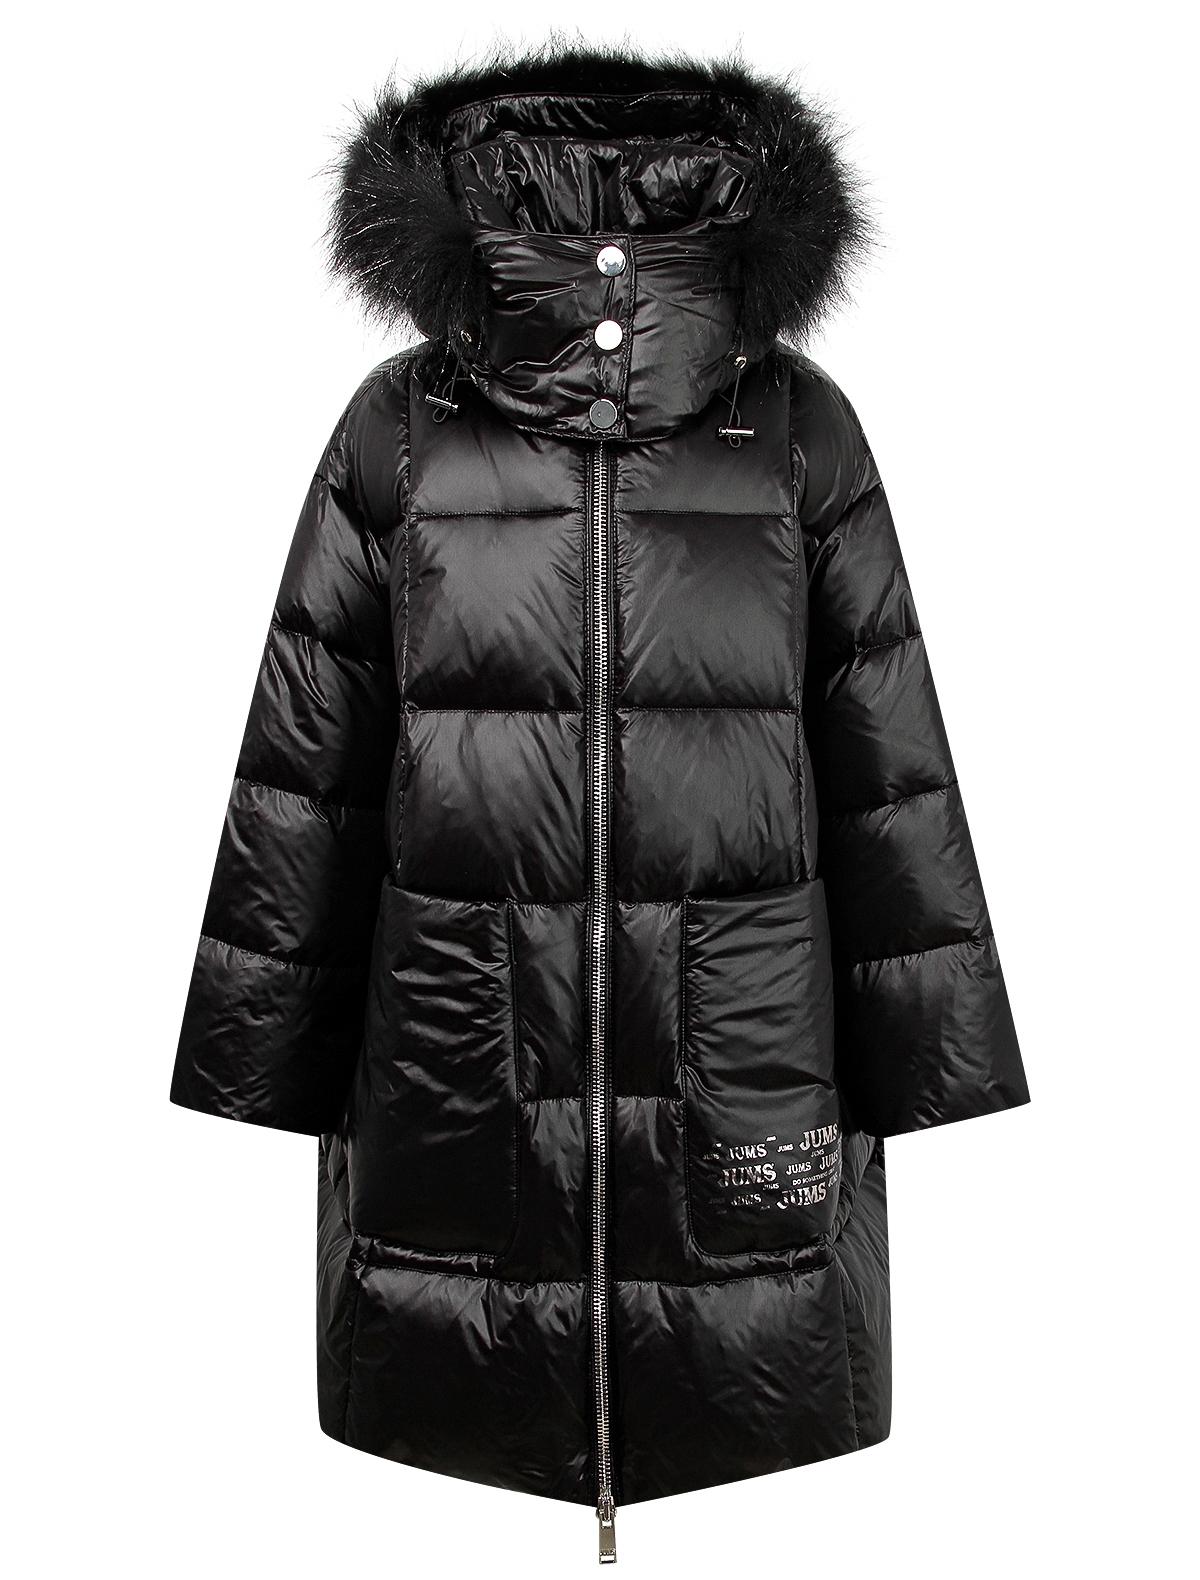 Купить 2121264, Пальто Jums Kids, черный, Женский, 1121109980082